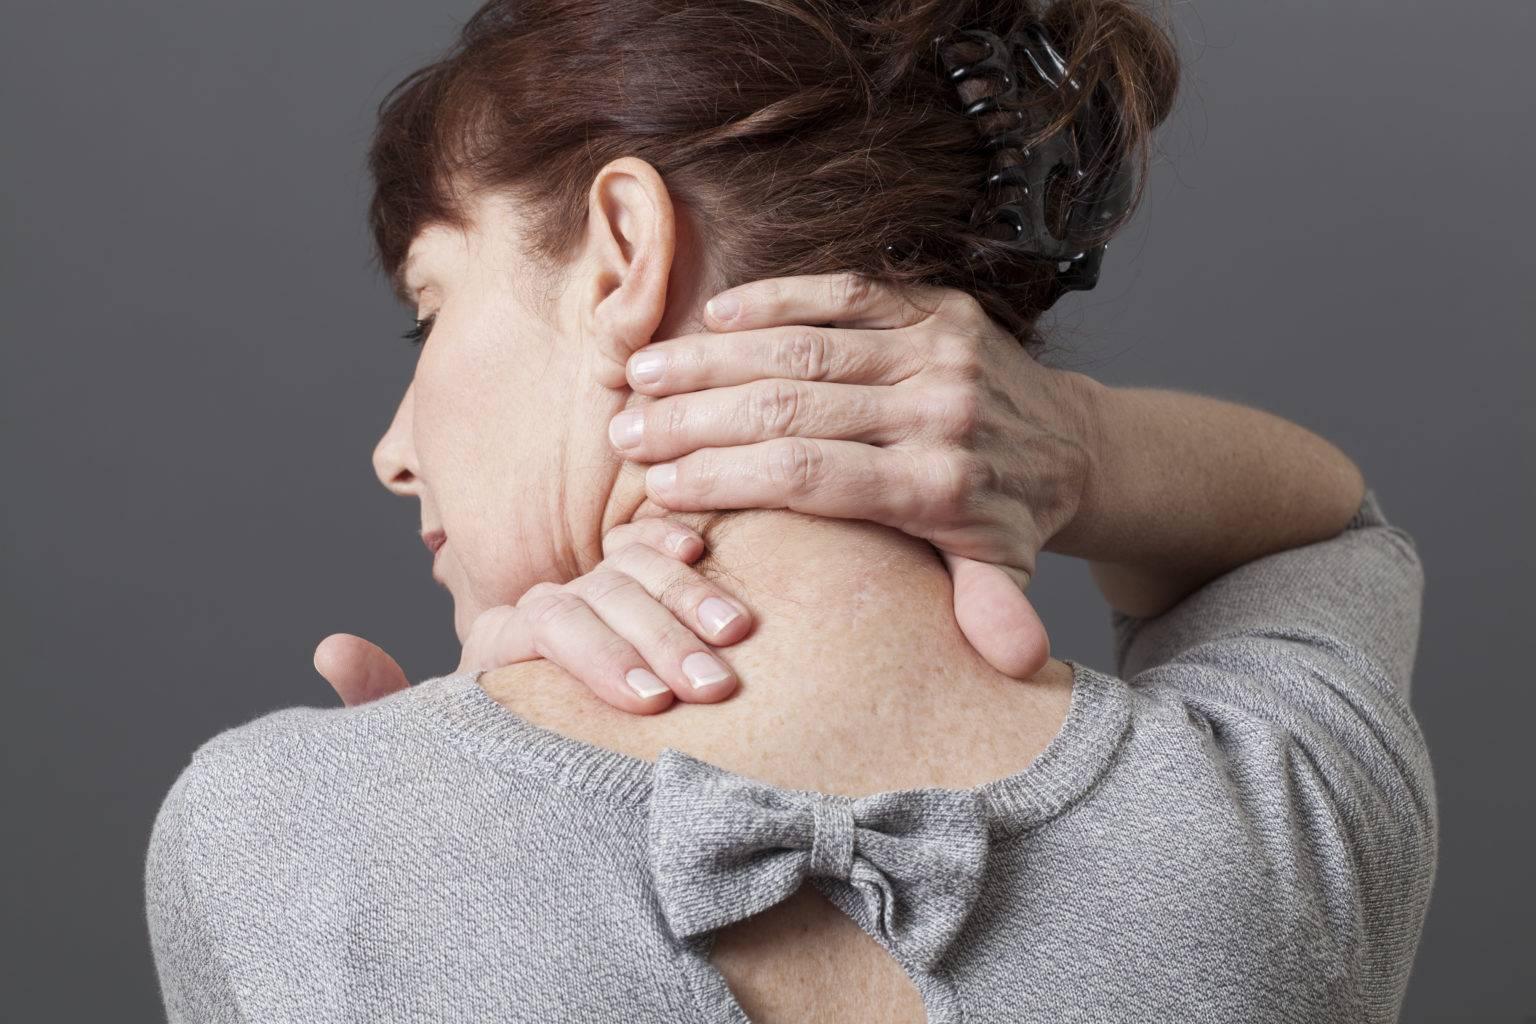 Как долго проходят воспаленные лимфоузлы на шее, почему это важно знать - семейная клиника опора г. екатеринбург